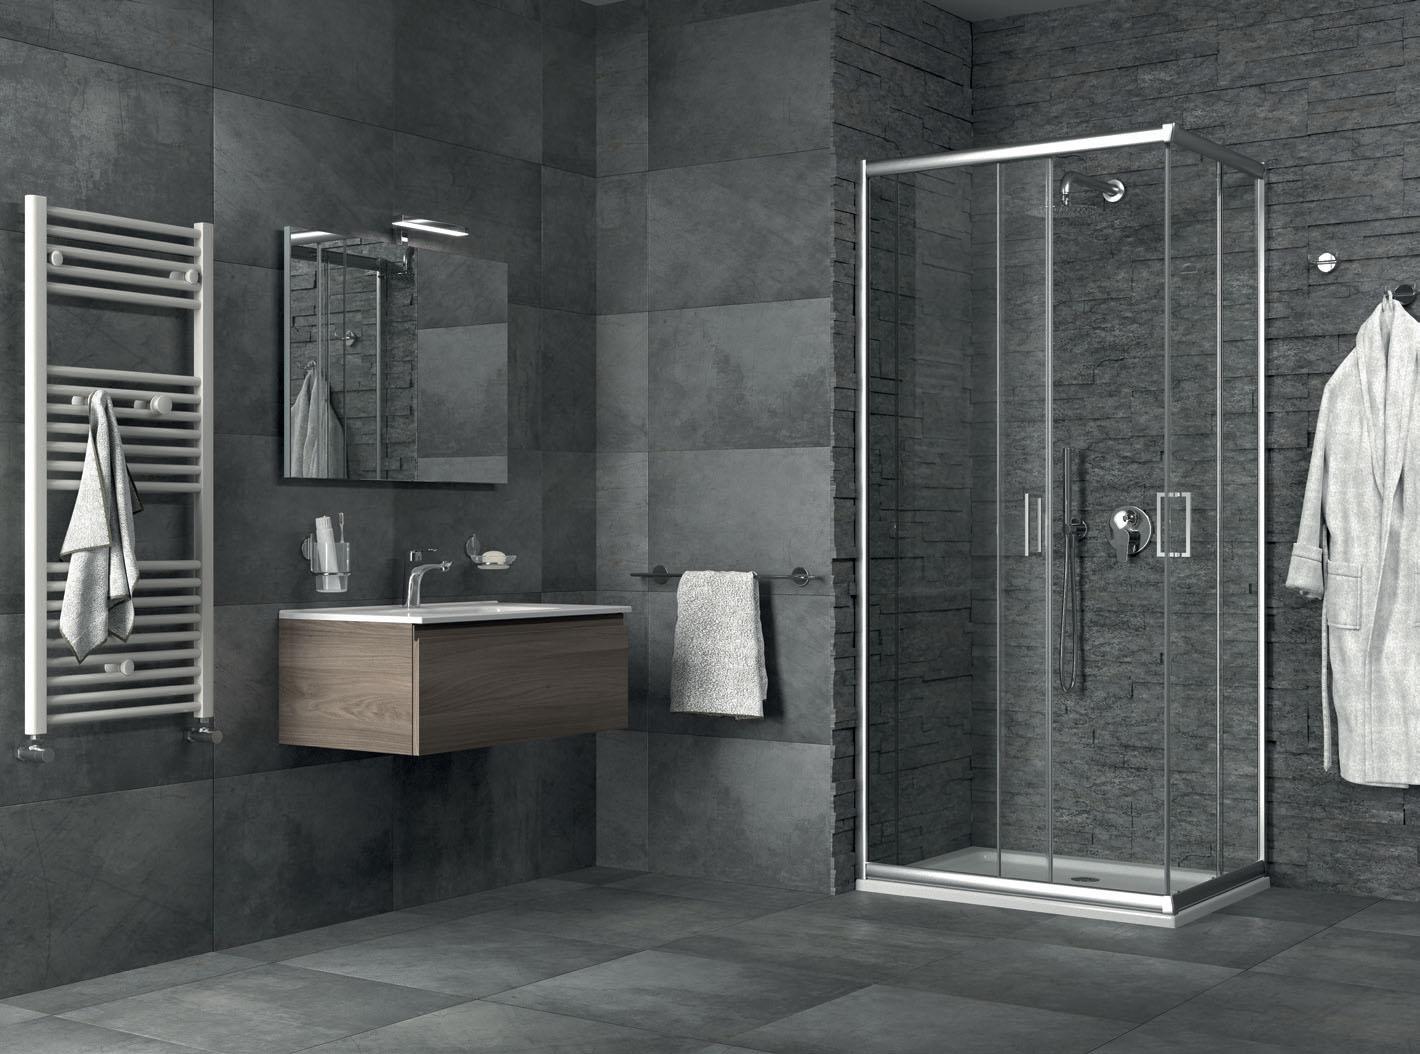 Bagno piastrella o resina quale materiale usare per una - Resina piastrelle bagno ...